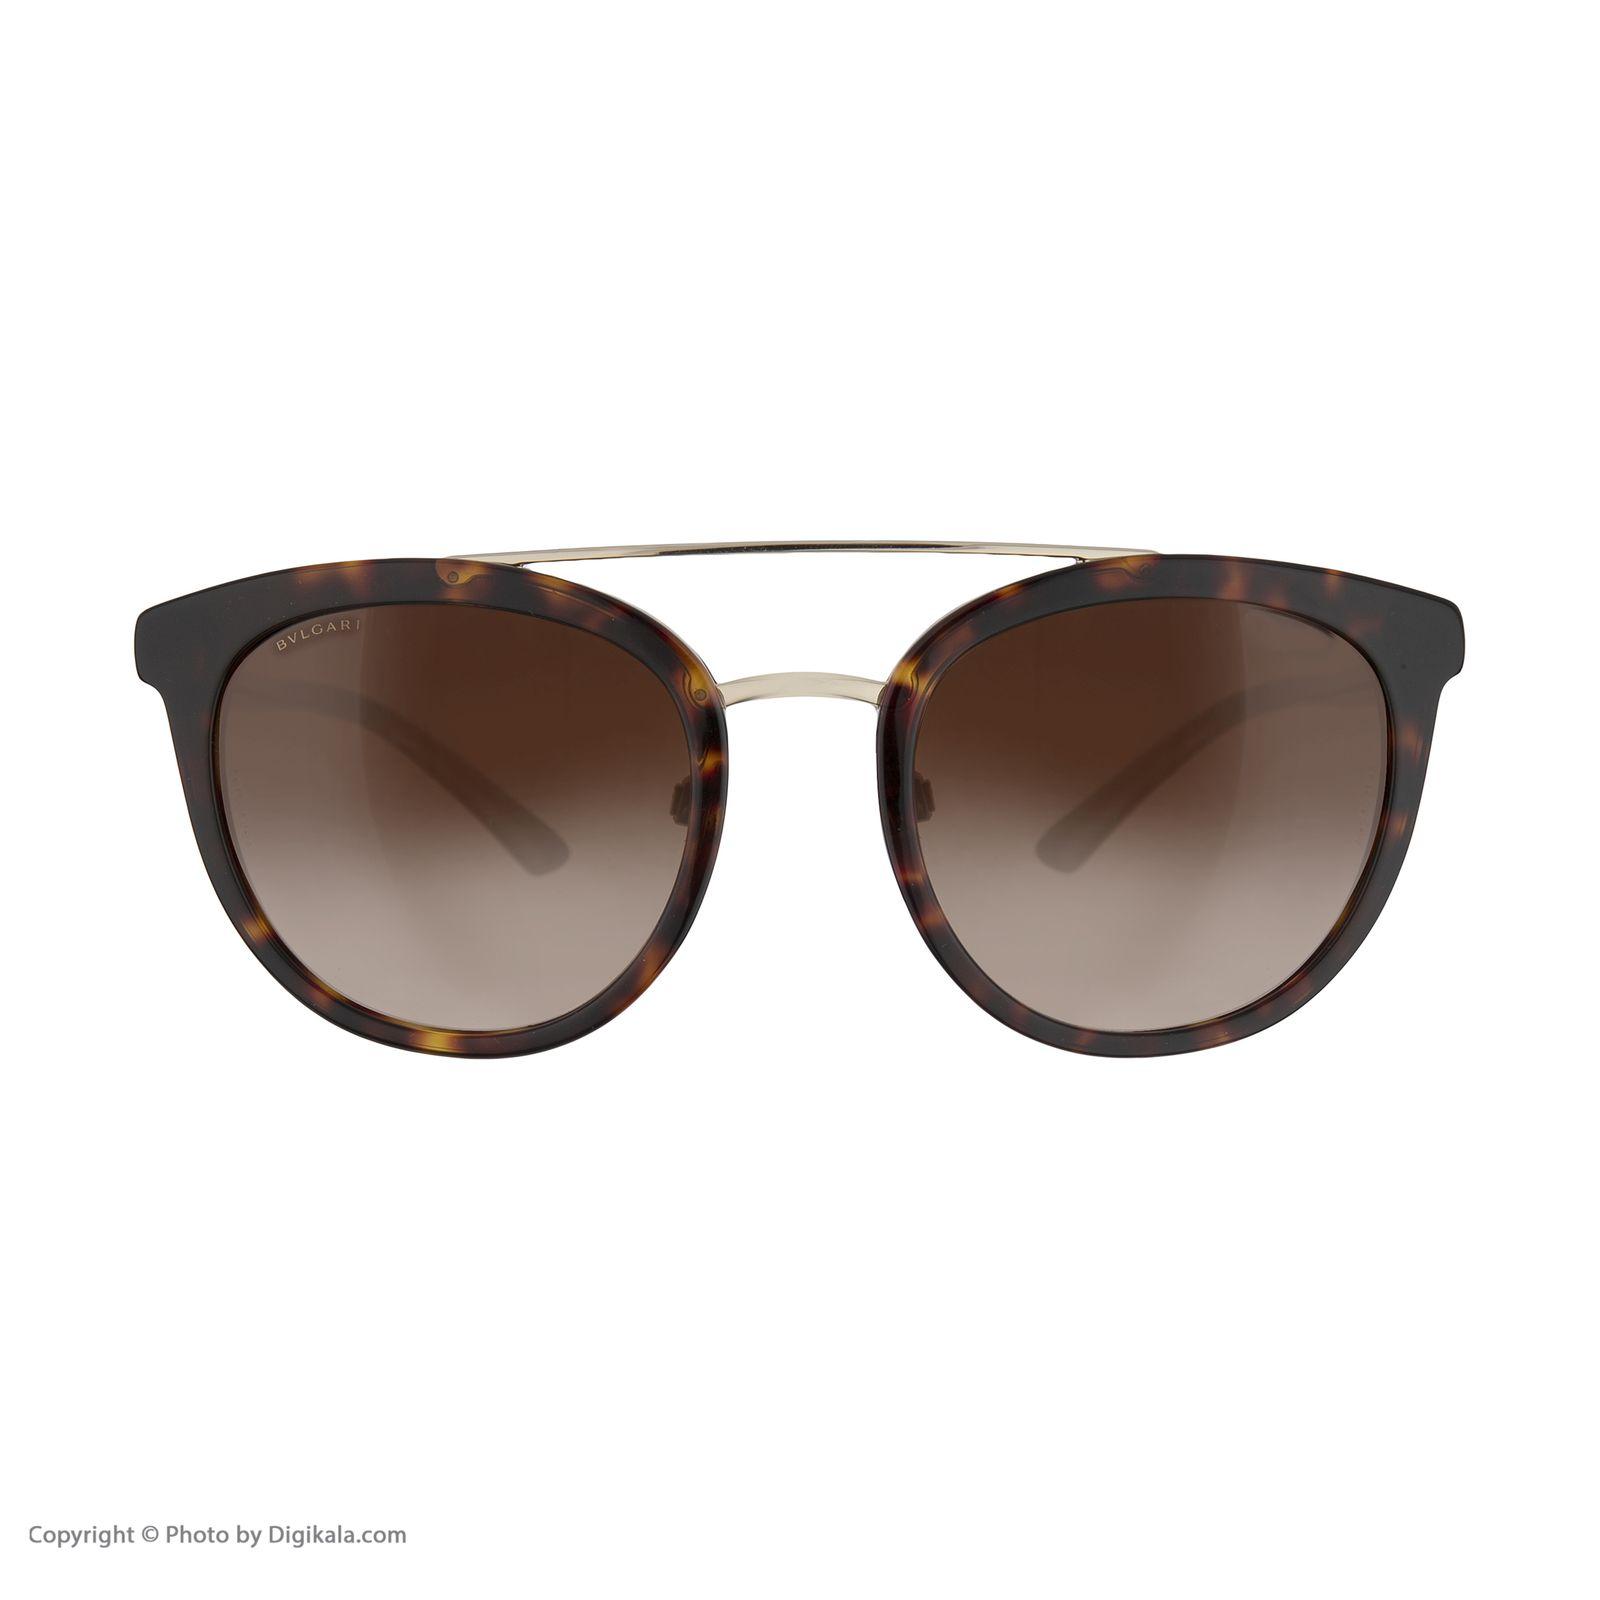 عینک آفتابی زنانه بولگاری مدل BV8184B 50413 -  - 3